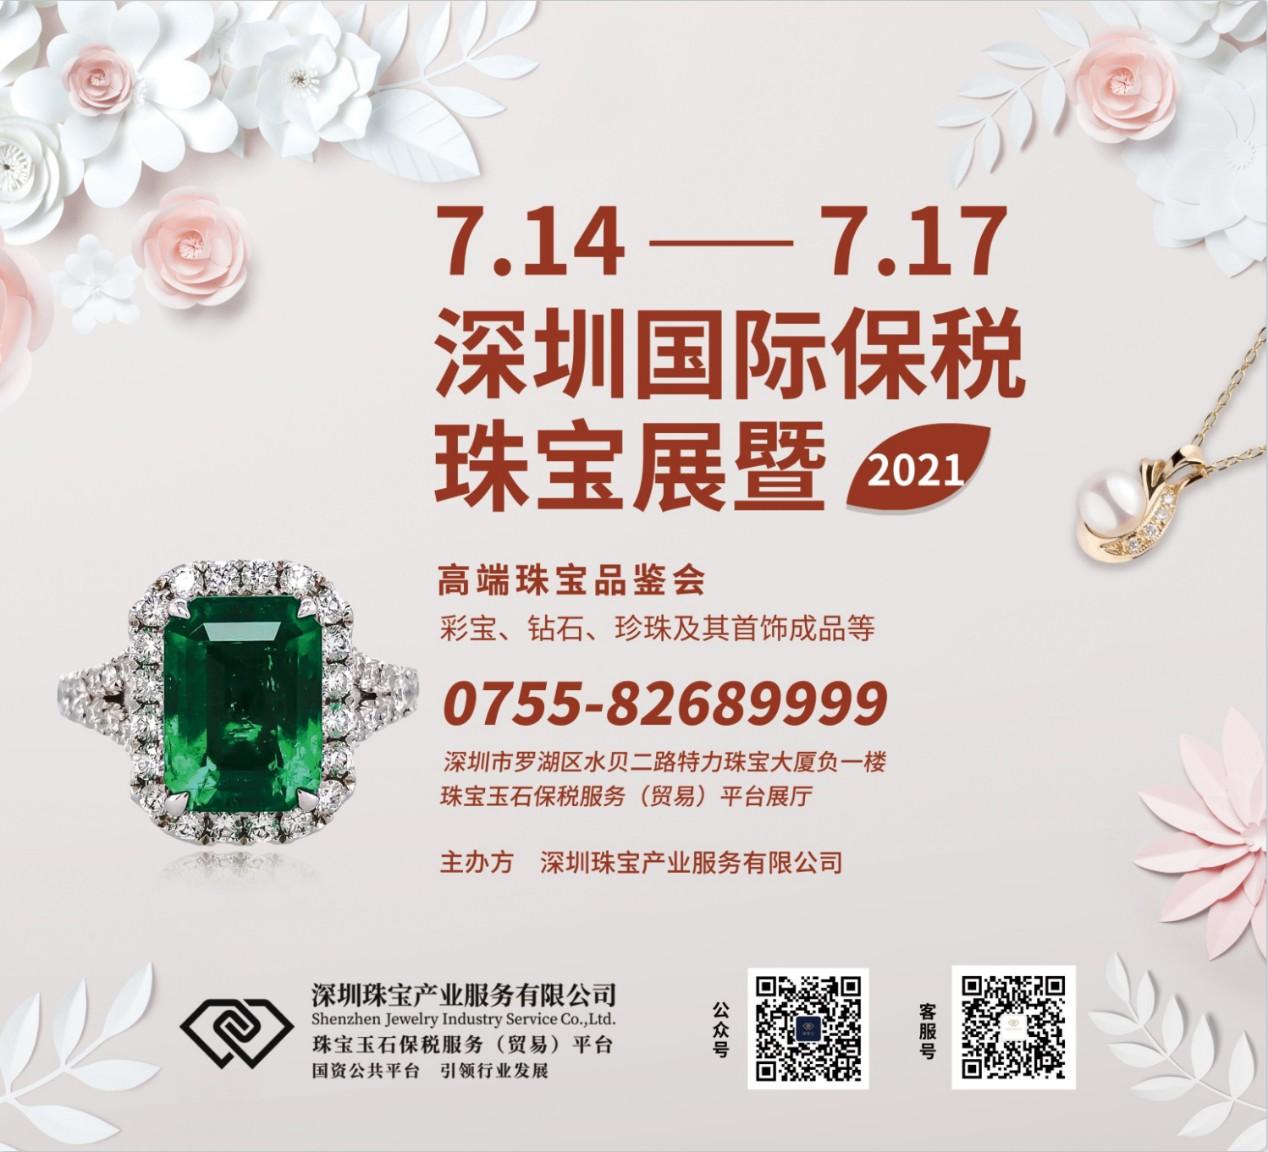 思变求新,助力行业   深圳国际保税珠宝展即将开幕!